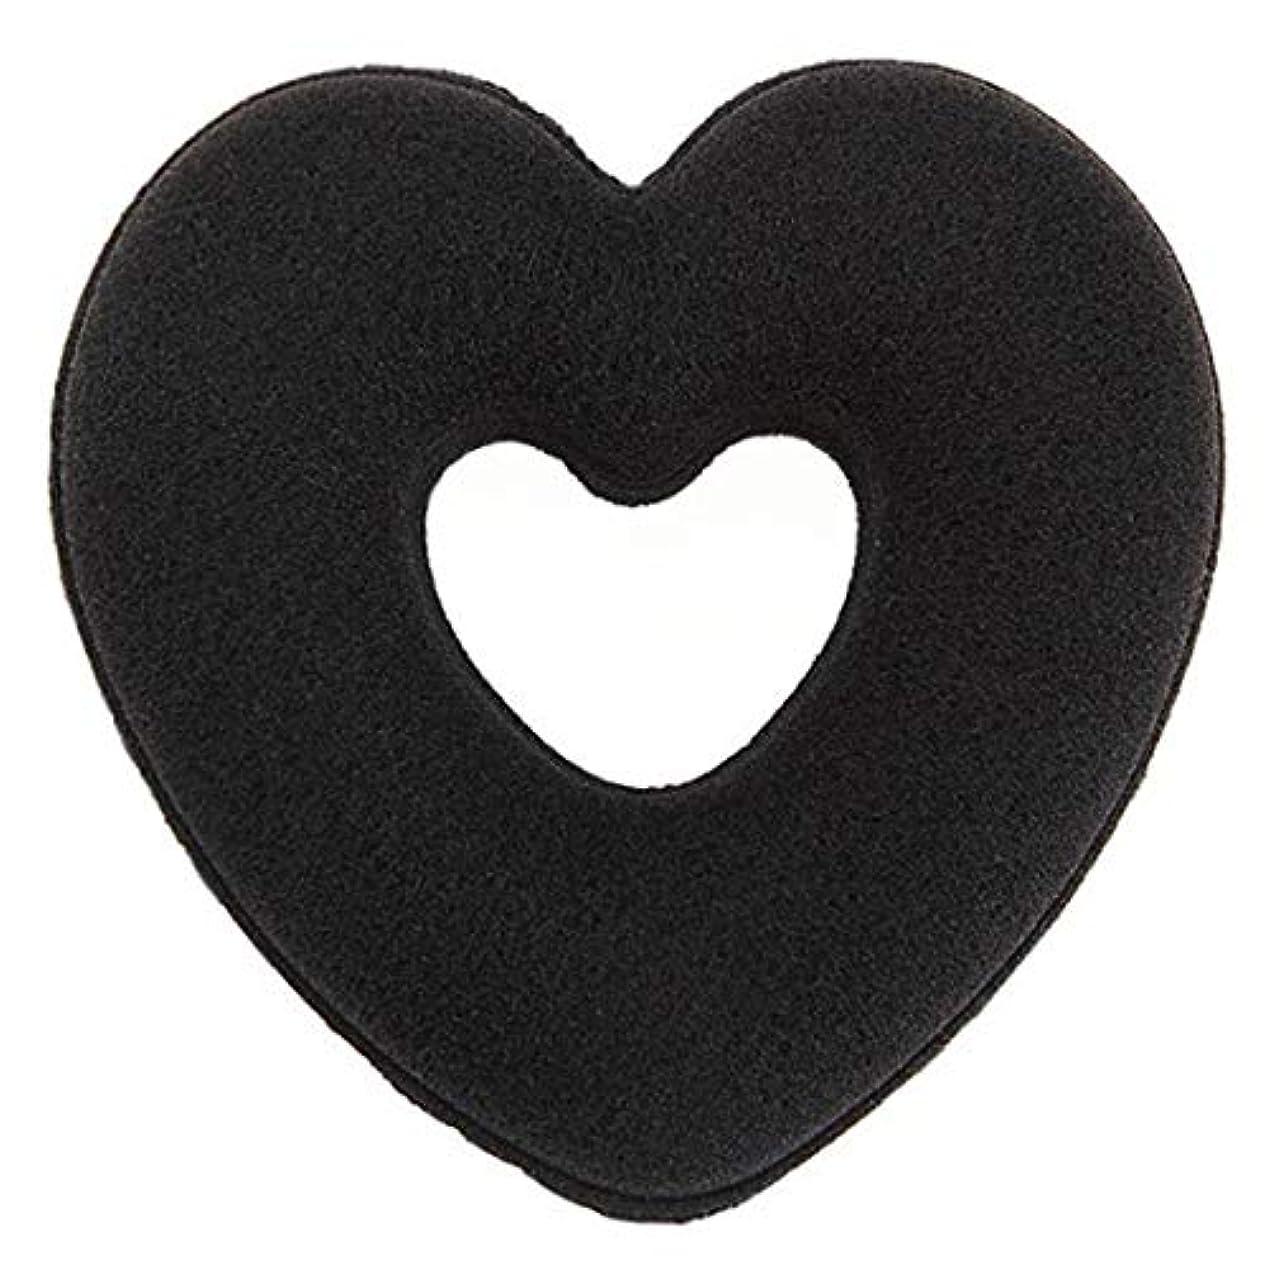 関与するインタフェース血色の良いSwiftgood 女性ヘアスタイリングアクセサリーハートドーナツバンラップヘアリングバドクリップセットヘアアップデータメーカーヘアバドクリップ